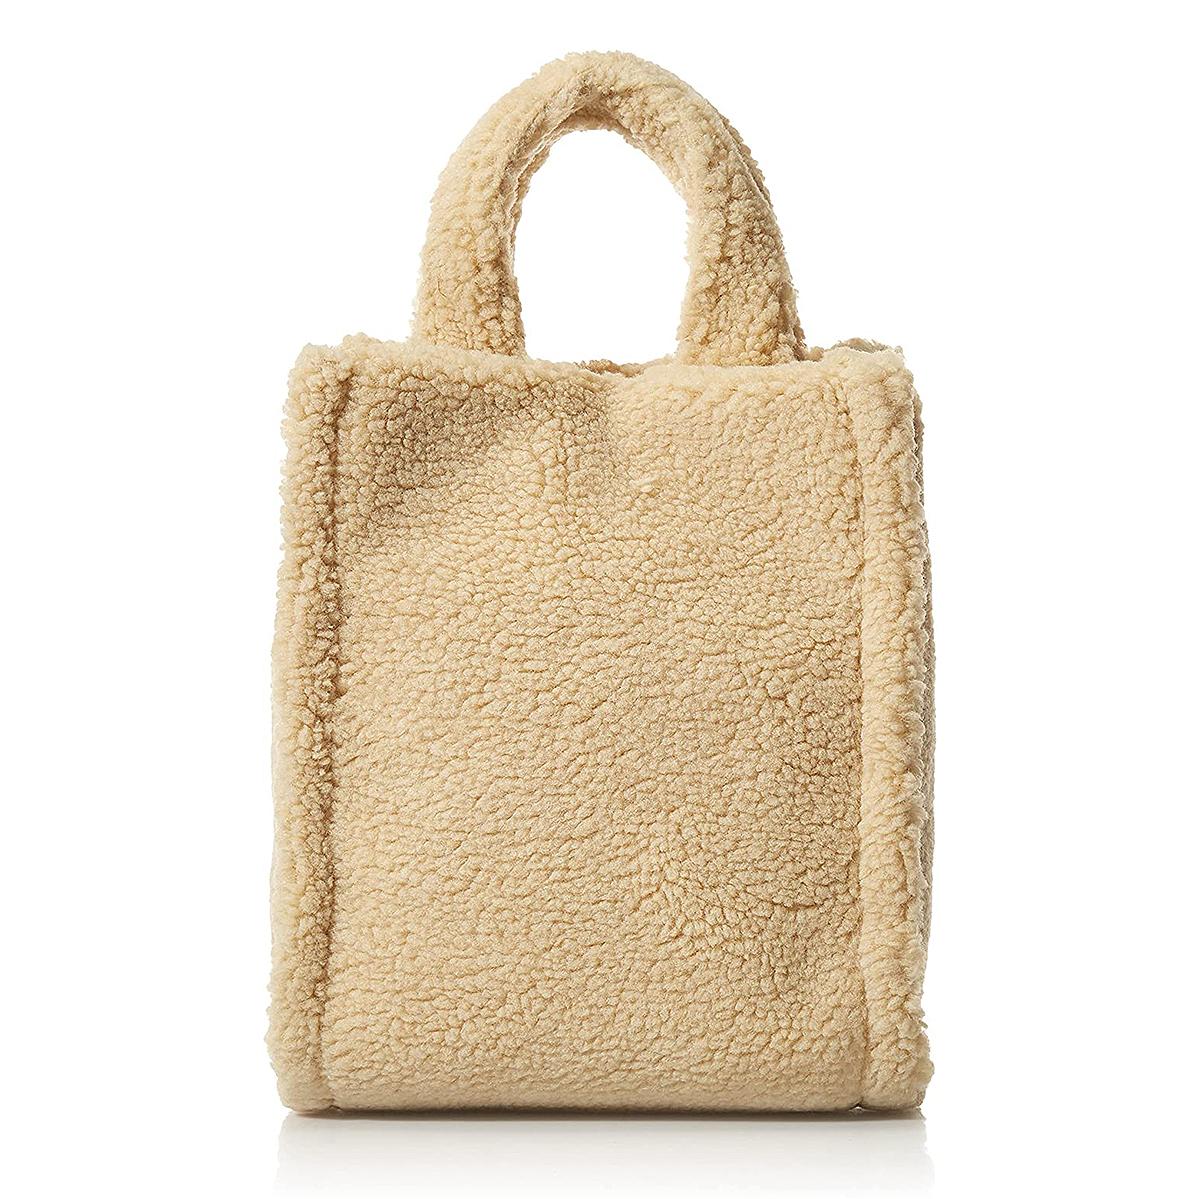 amazon-the-drop-teddy-tote-bag-sandstorm